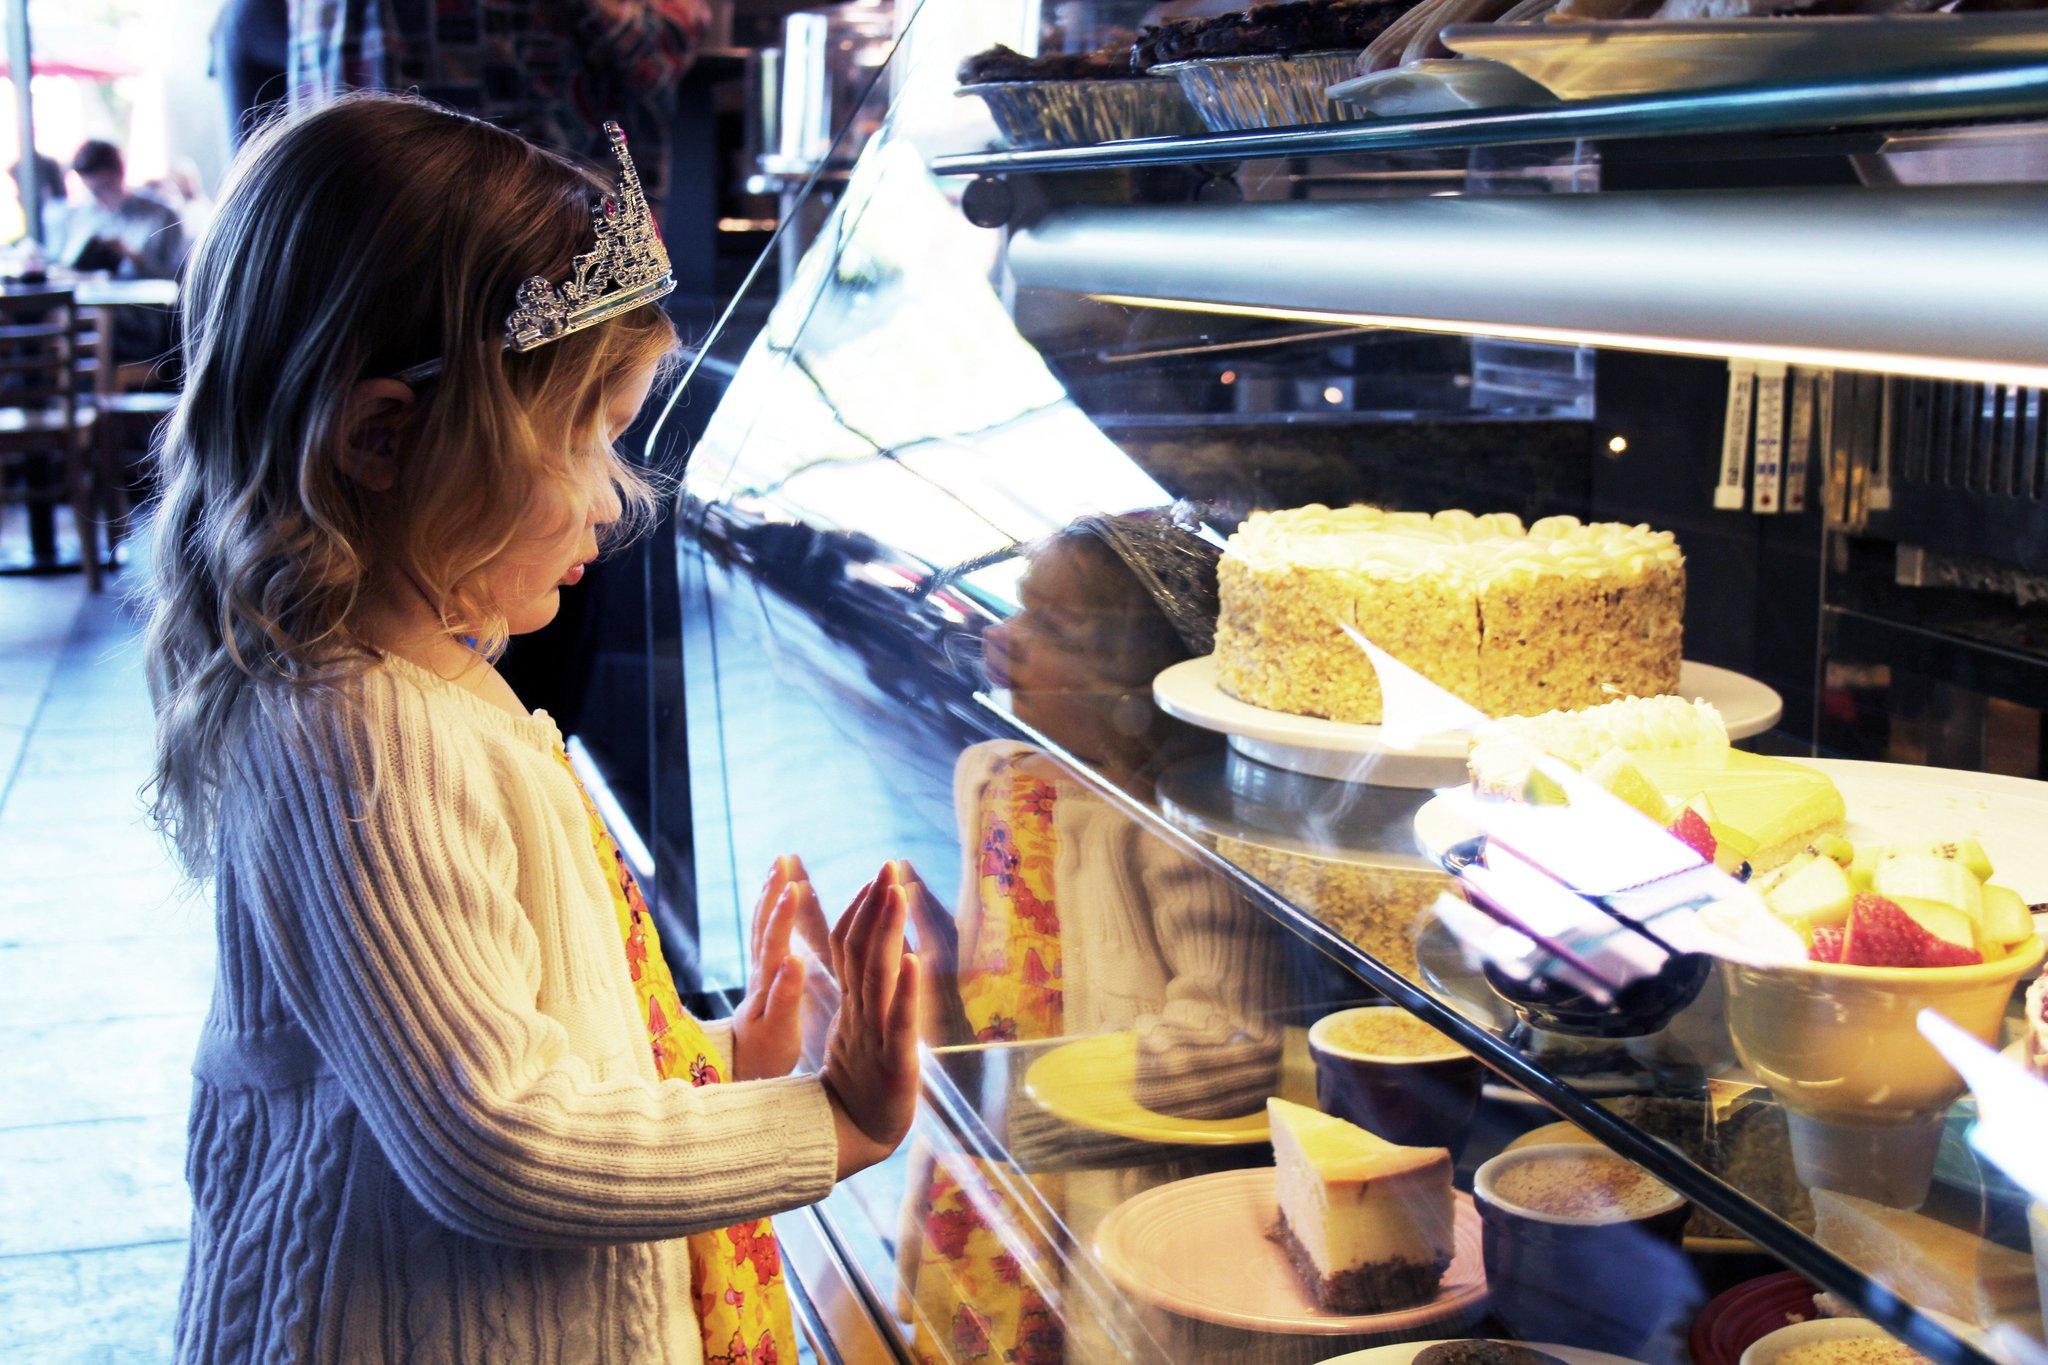 cafe-dessert-kid-barrone